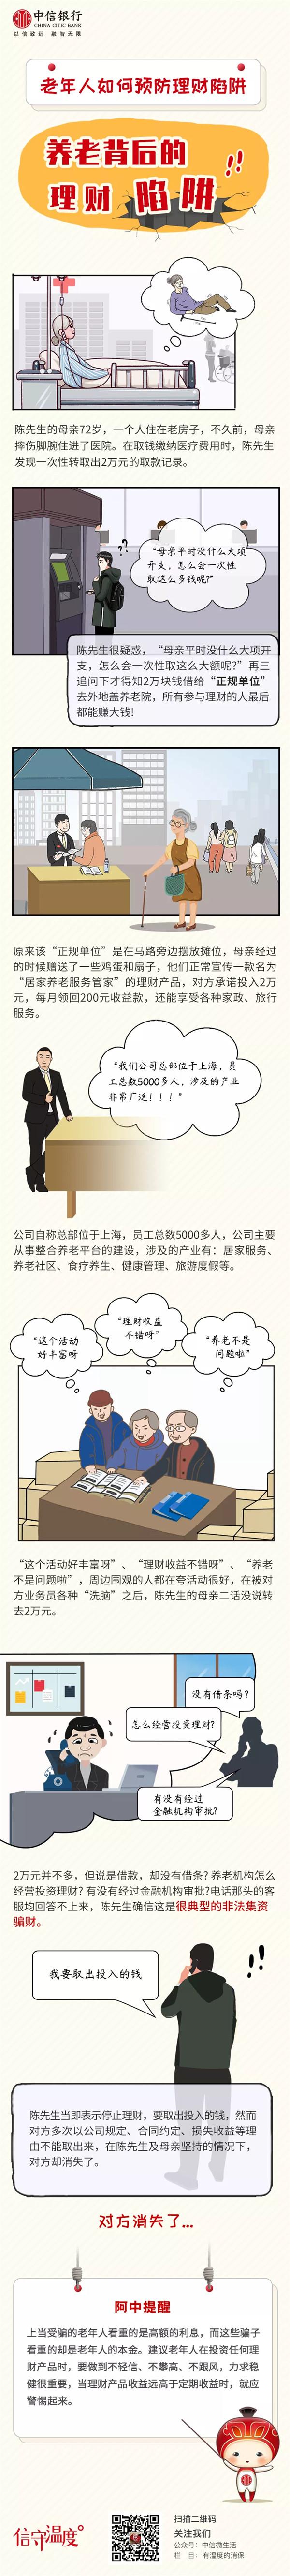 附件:(配图)中信银行郑州分行提醒您:远离养老背后的理财陷阱 .jpg